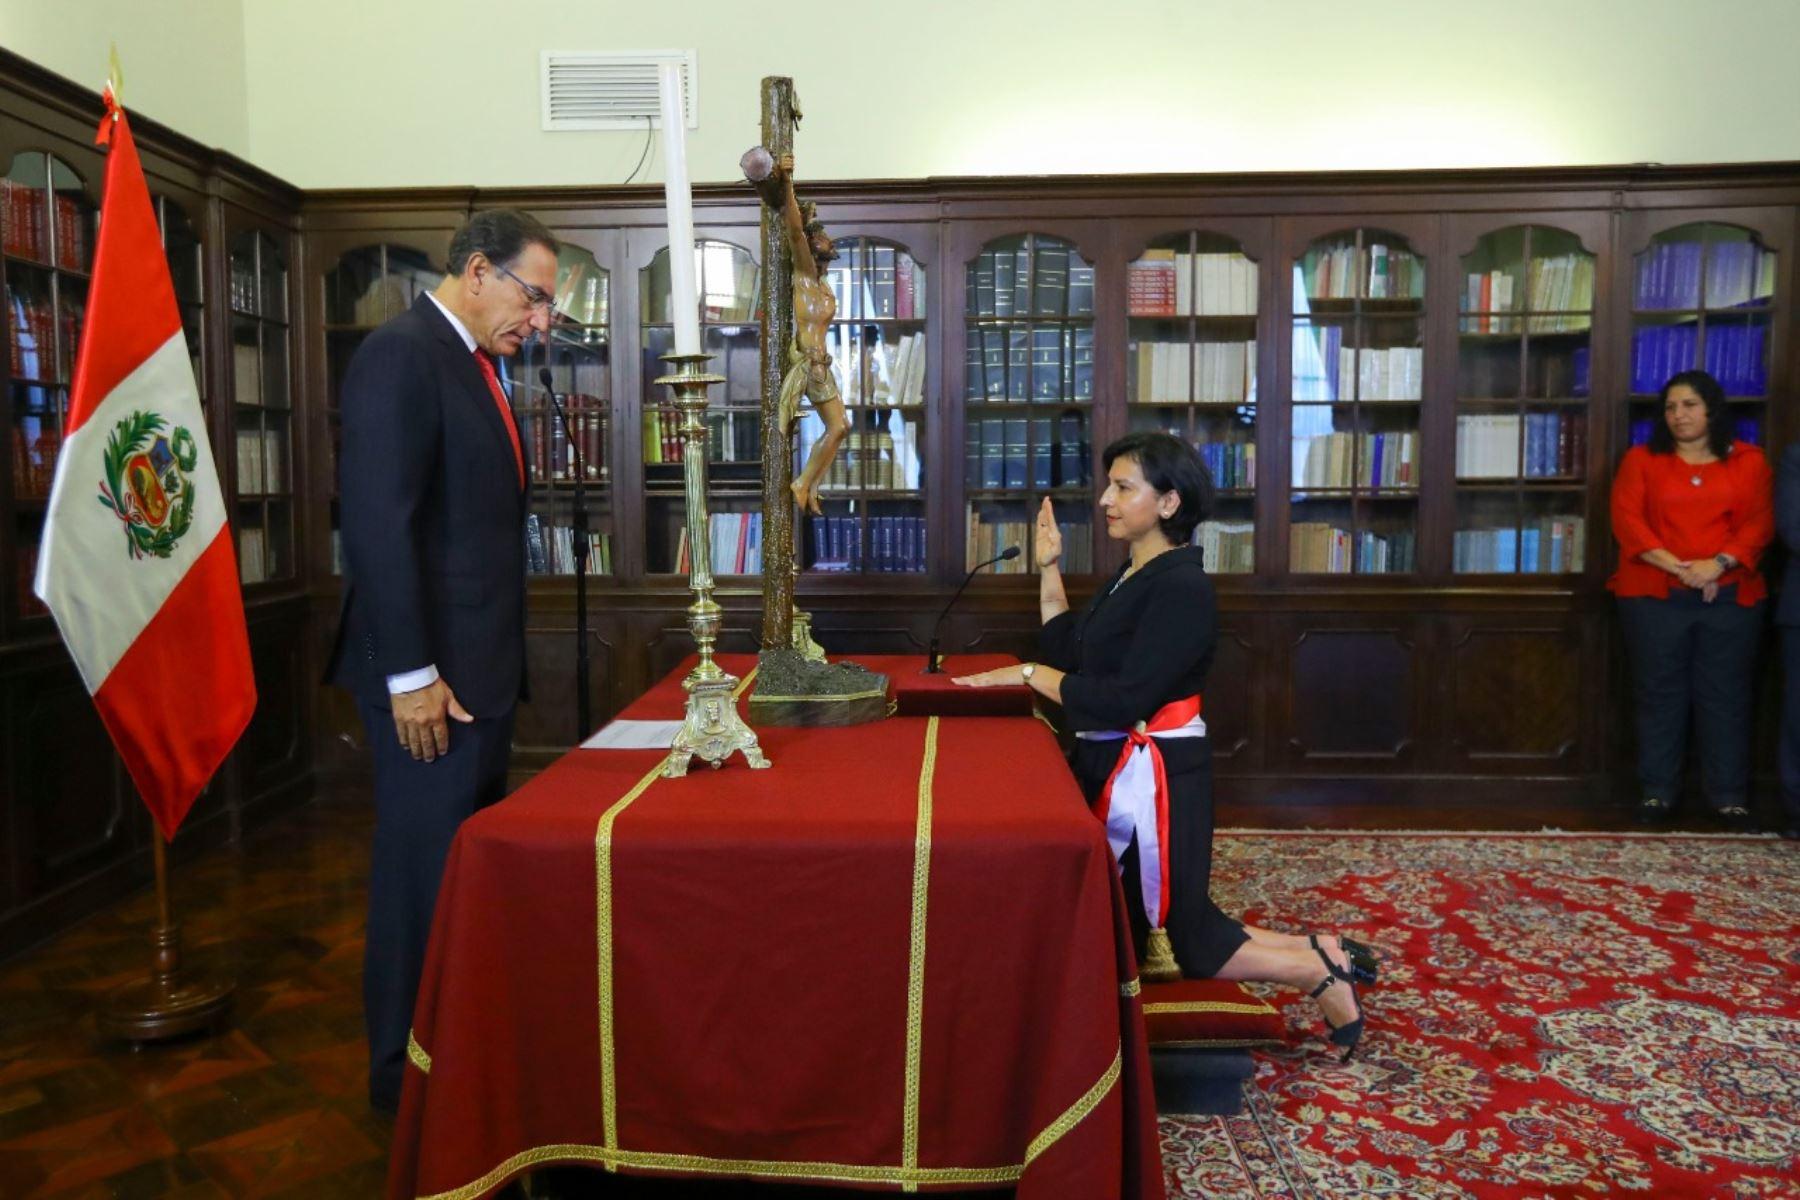 El presidente de la República, Martín Vizcarra, tomó juramento a la ministra de Trabajo y Promoción del Empleo, Sylvia Cáceres, en ceremonia que se realizó en Palacio de Gobierno. Foto: ANDINA/ prensa Presidencia